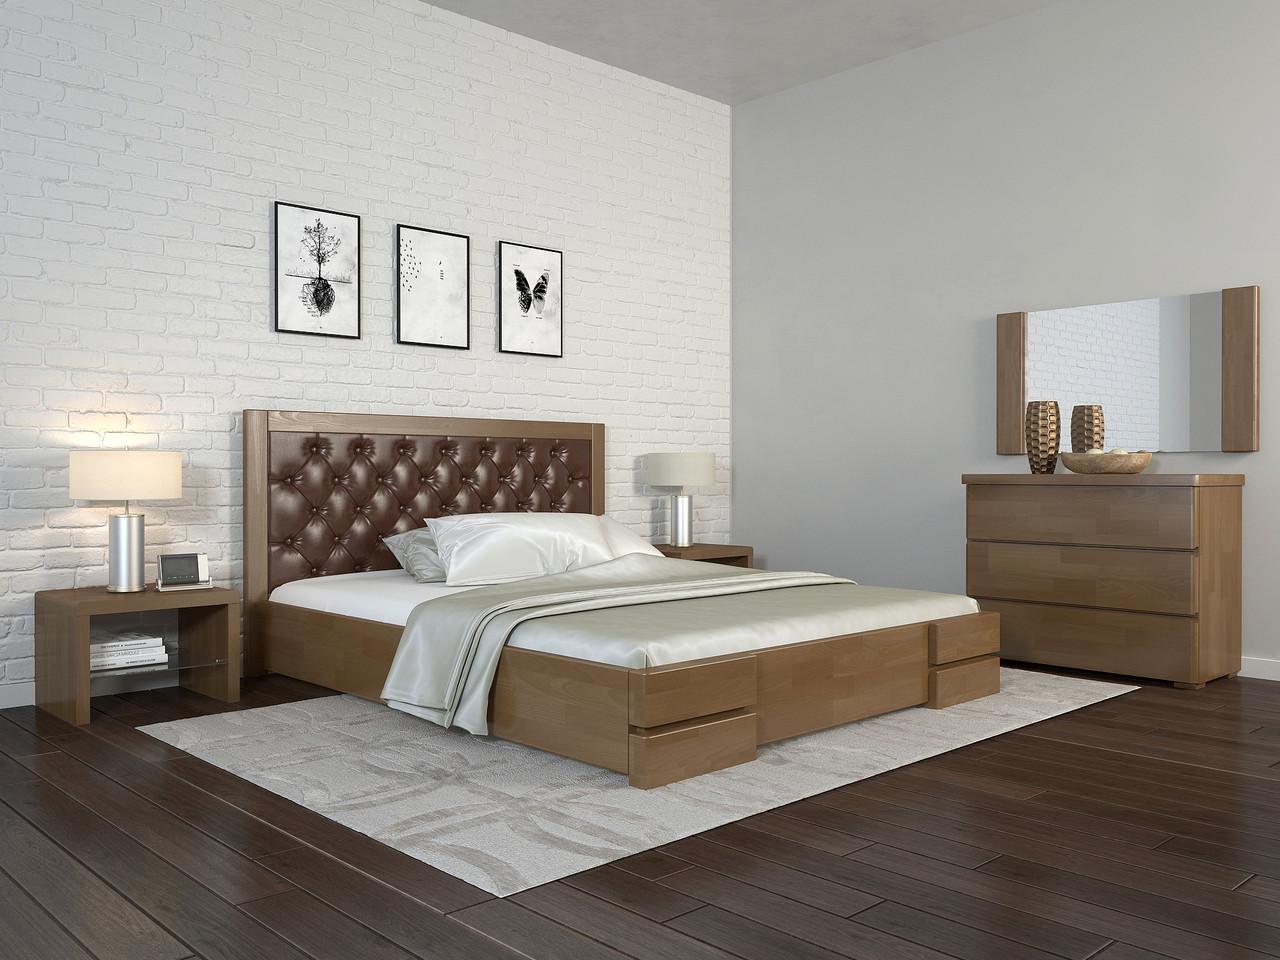 Двоспальне ліжко Арбор Древ Регіна Люкс з підйомним механізмом ромб 160х190 сосна (DH160.2)